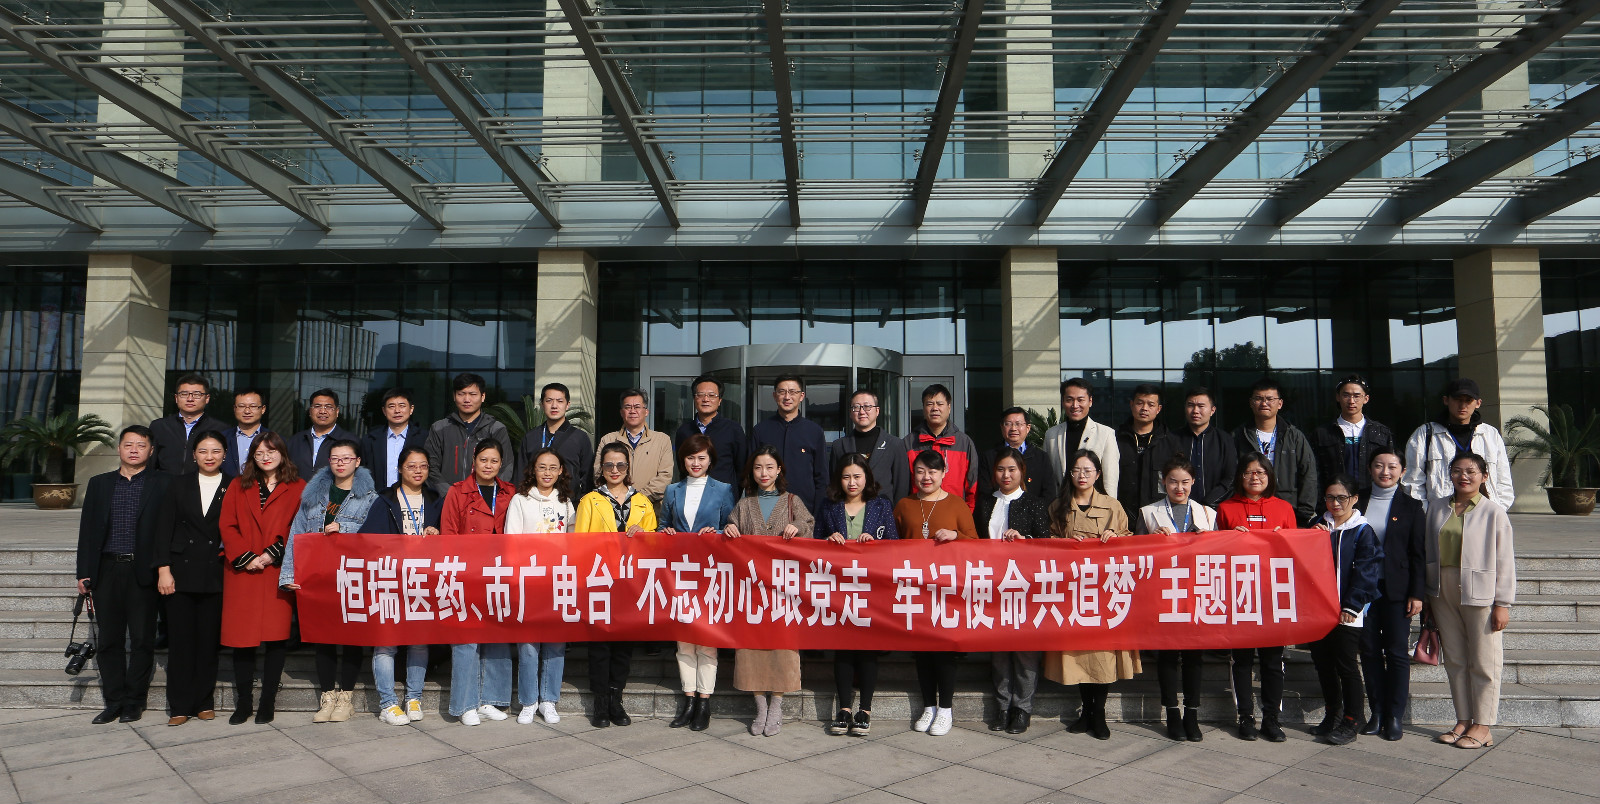 江苏连云港:青年记者话初心 聚焦恒瑞谈创新